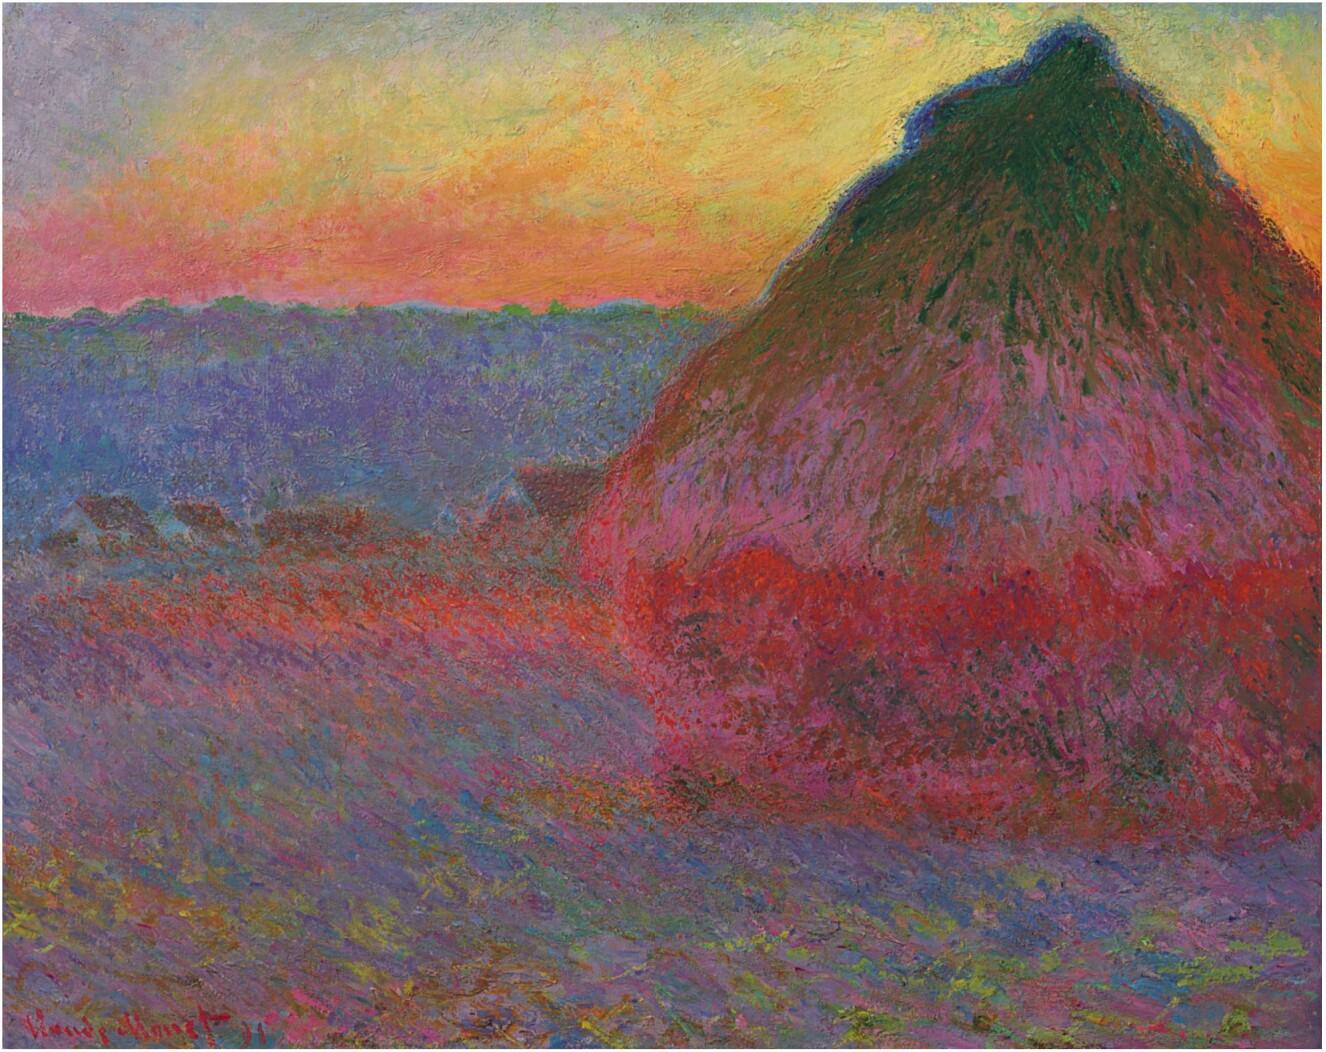 Claude Monet - Meule (1891)